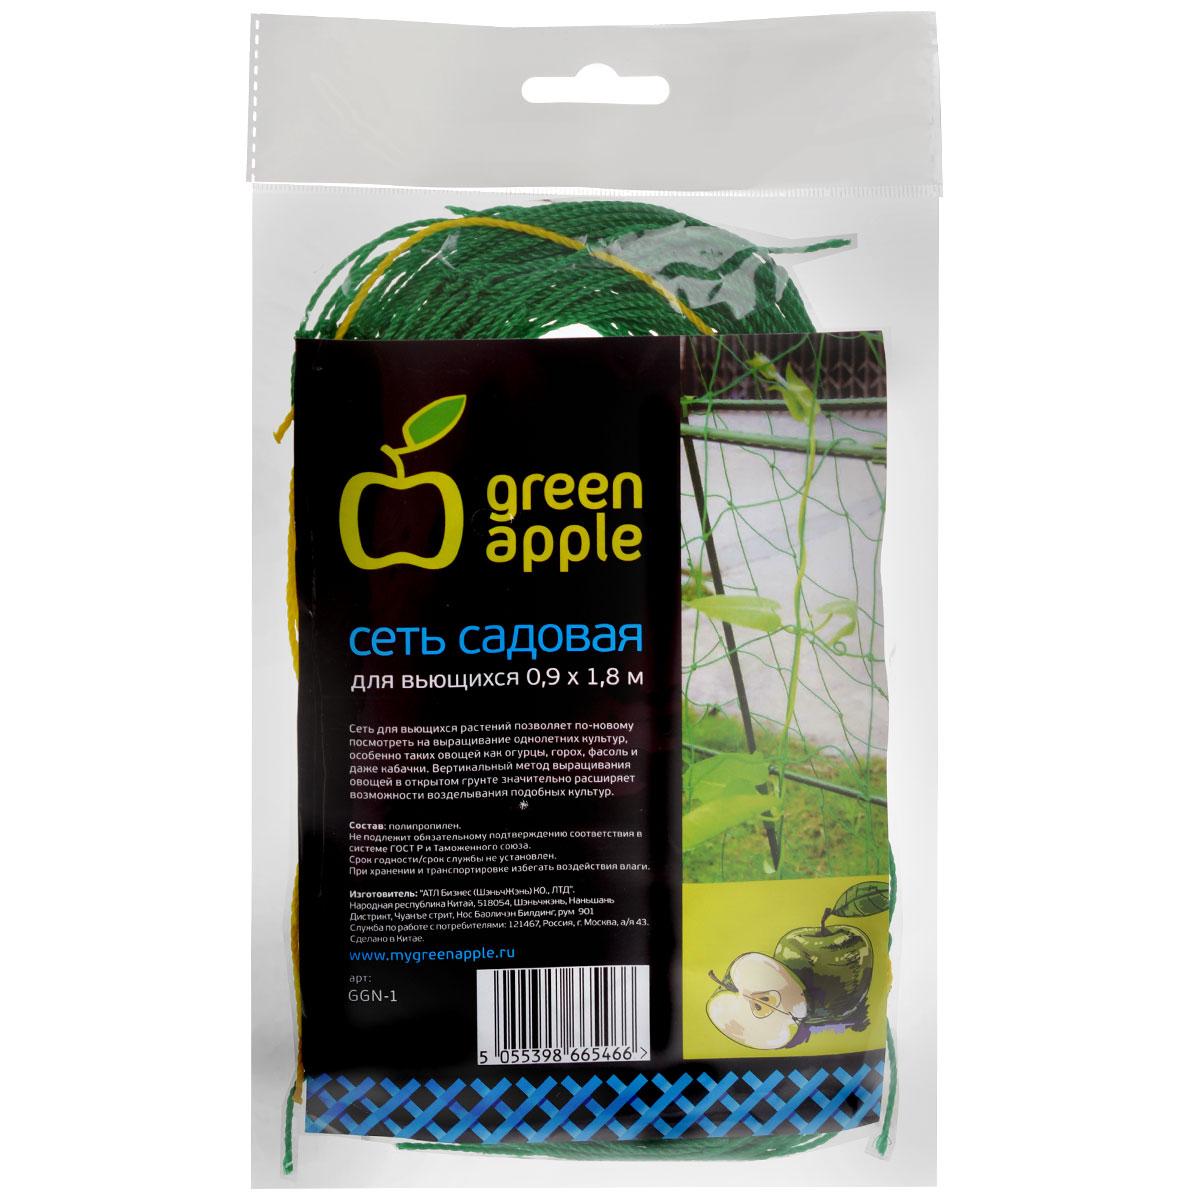 Сеть садовая для вьющихся Green Apple GGN-1, 0,9 х 1,8 мGGN-1Сеть для вьющихся растений позволяет по-новому посмотреть на выращивание однолетних культур, особенно таких овощей как огурцы, горох, фасоль и даже кабачки. Вертикальный метод выращивания овощей в открытом грунте значительно расширяет возможности возделывания подобных культур.